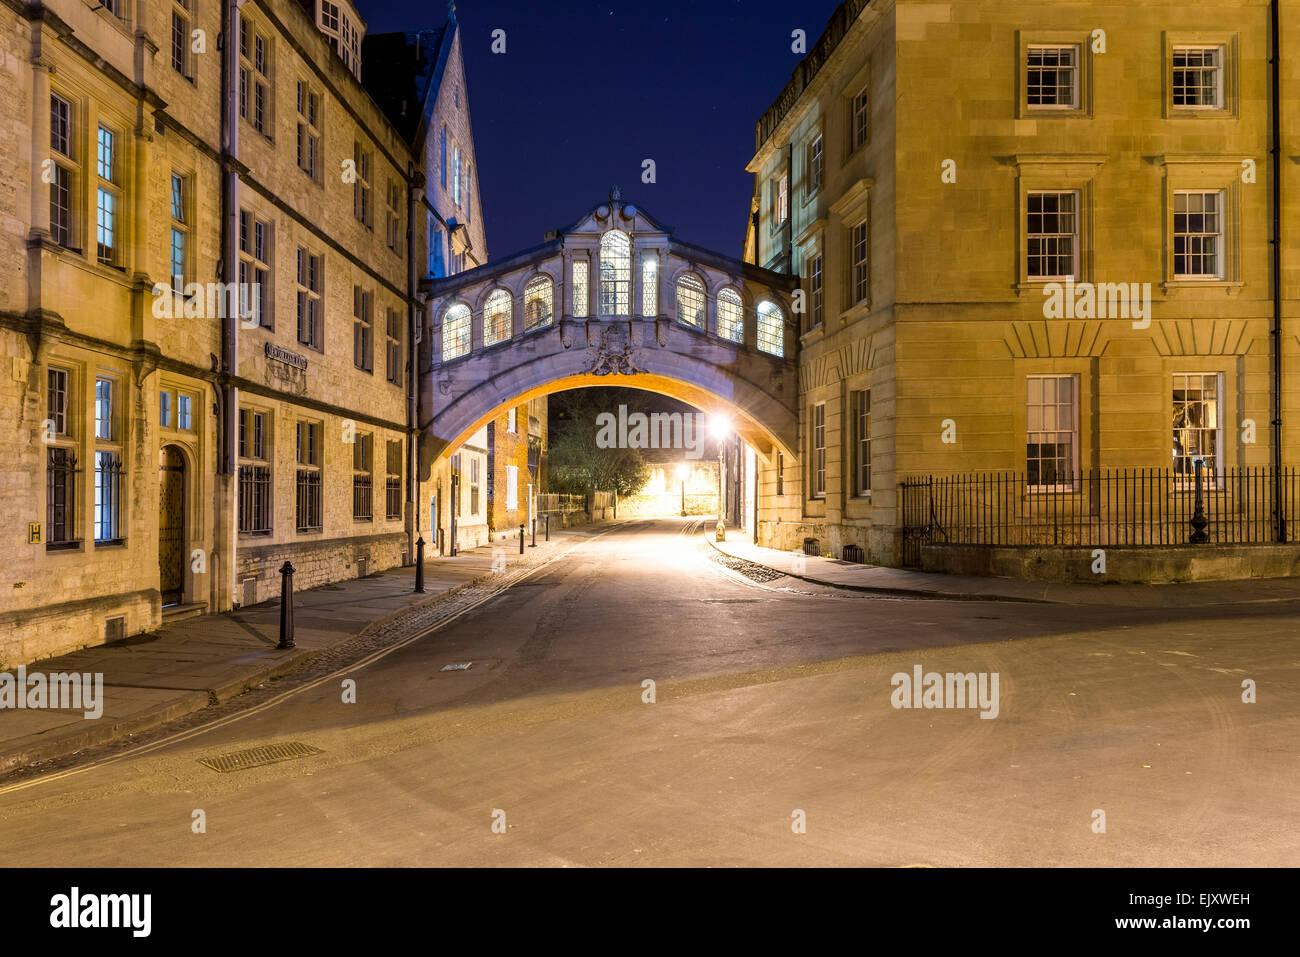 Hertford Bridge, noto anche come il Ponte dei Sospiri, visto qui di notte. Hertford è uno dei collegi di Oxford Immagini Stock